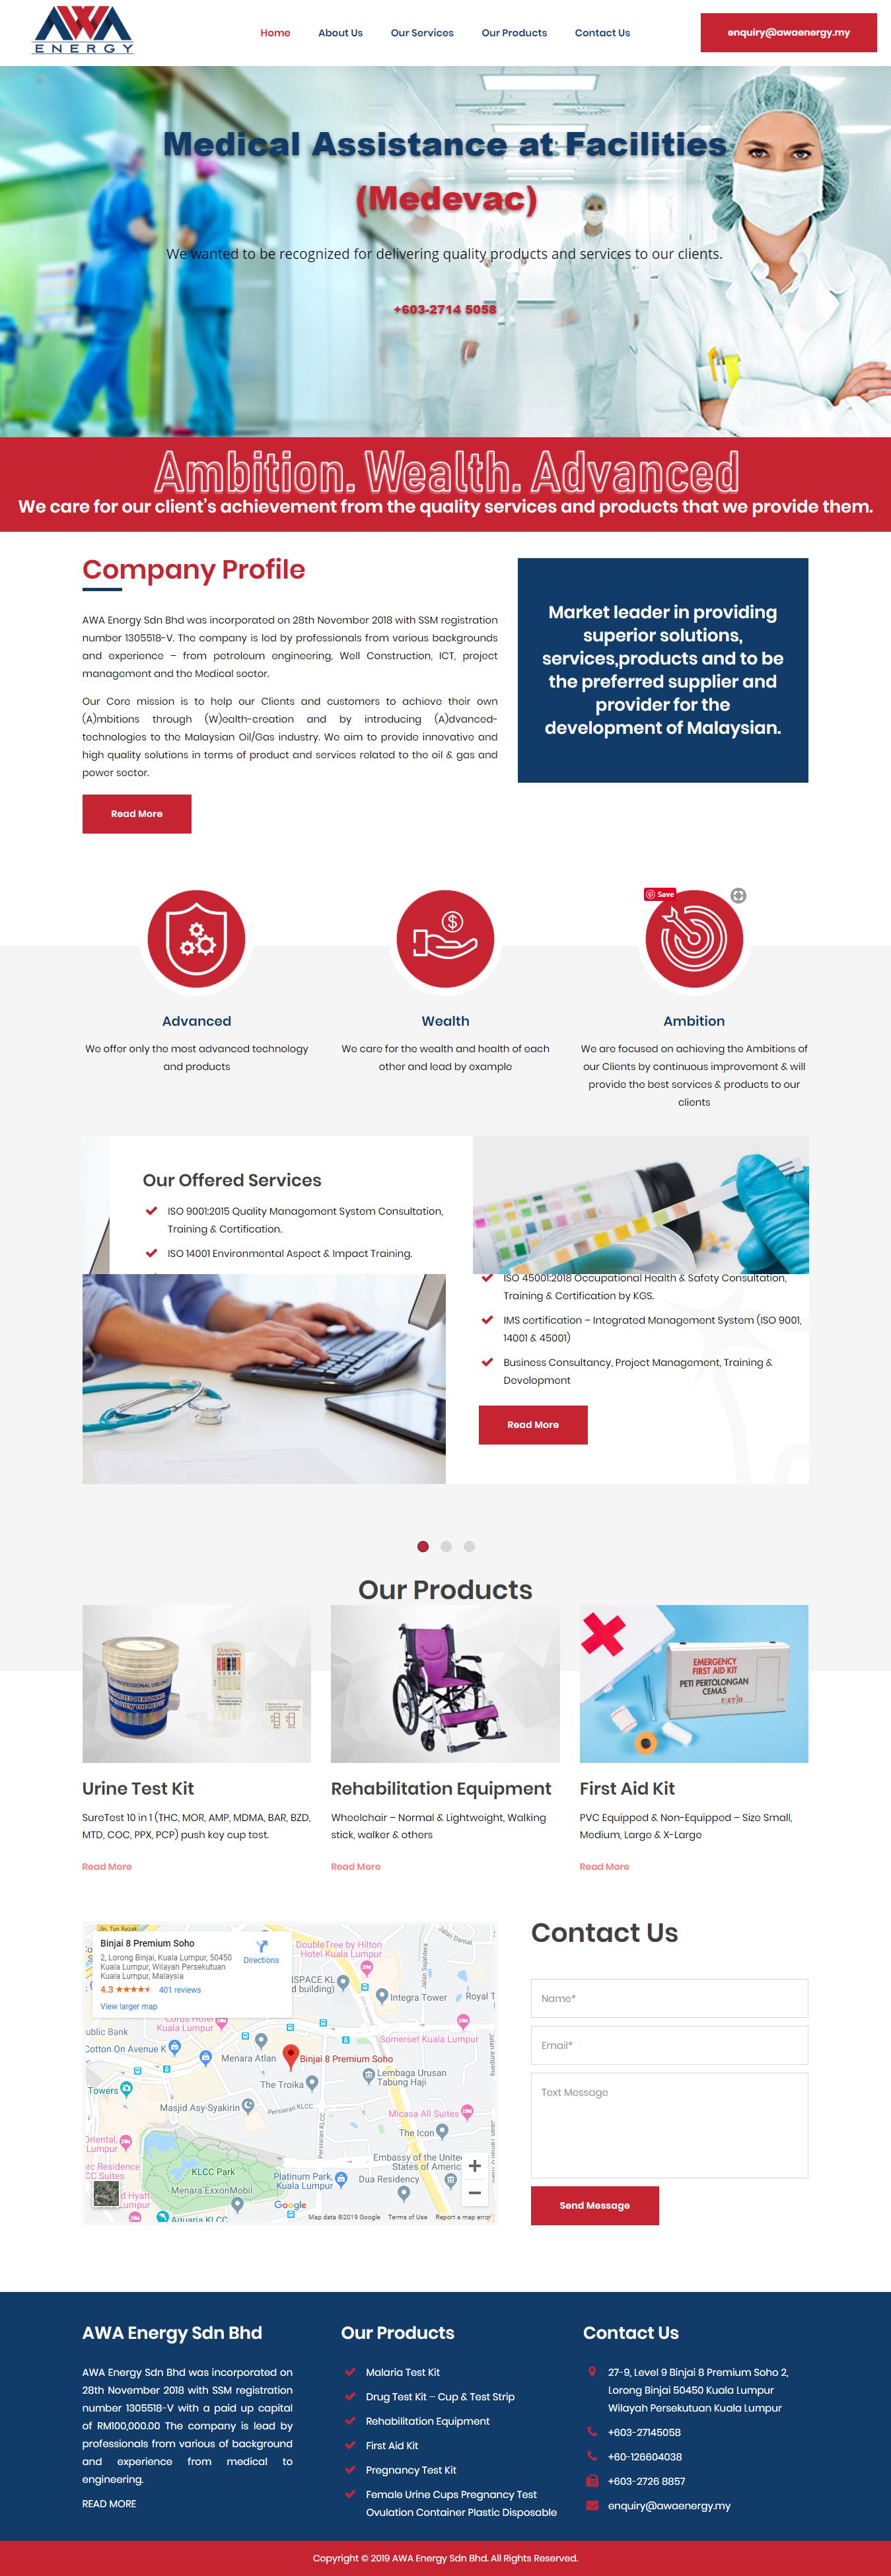 Health Medical Facilities Johor Johorbahru Tamanmolek Malaysia Cheap Prices Selangar Jala Budget Website Design Web Design Content Management System